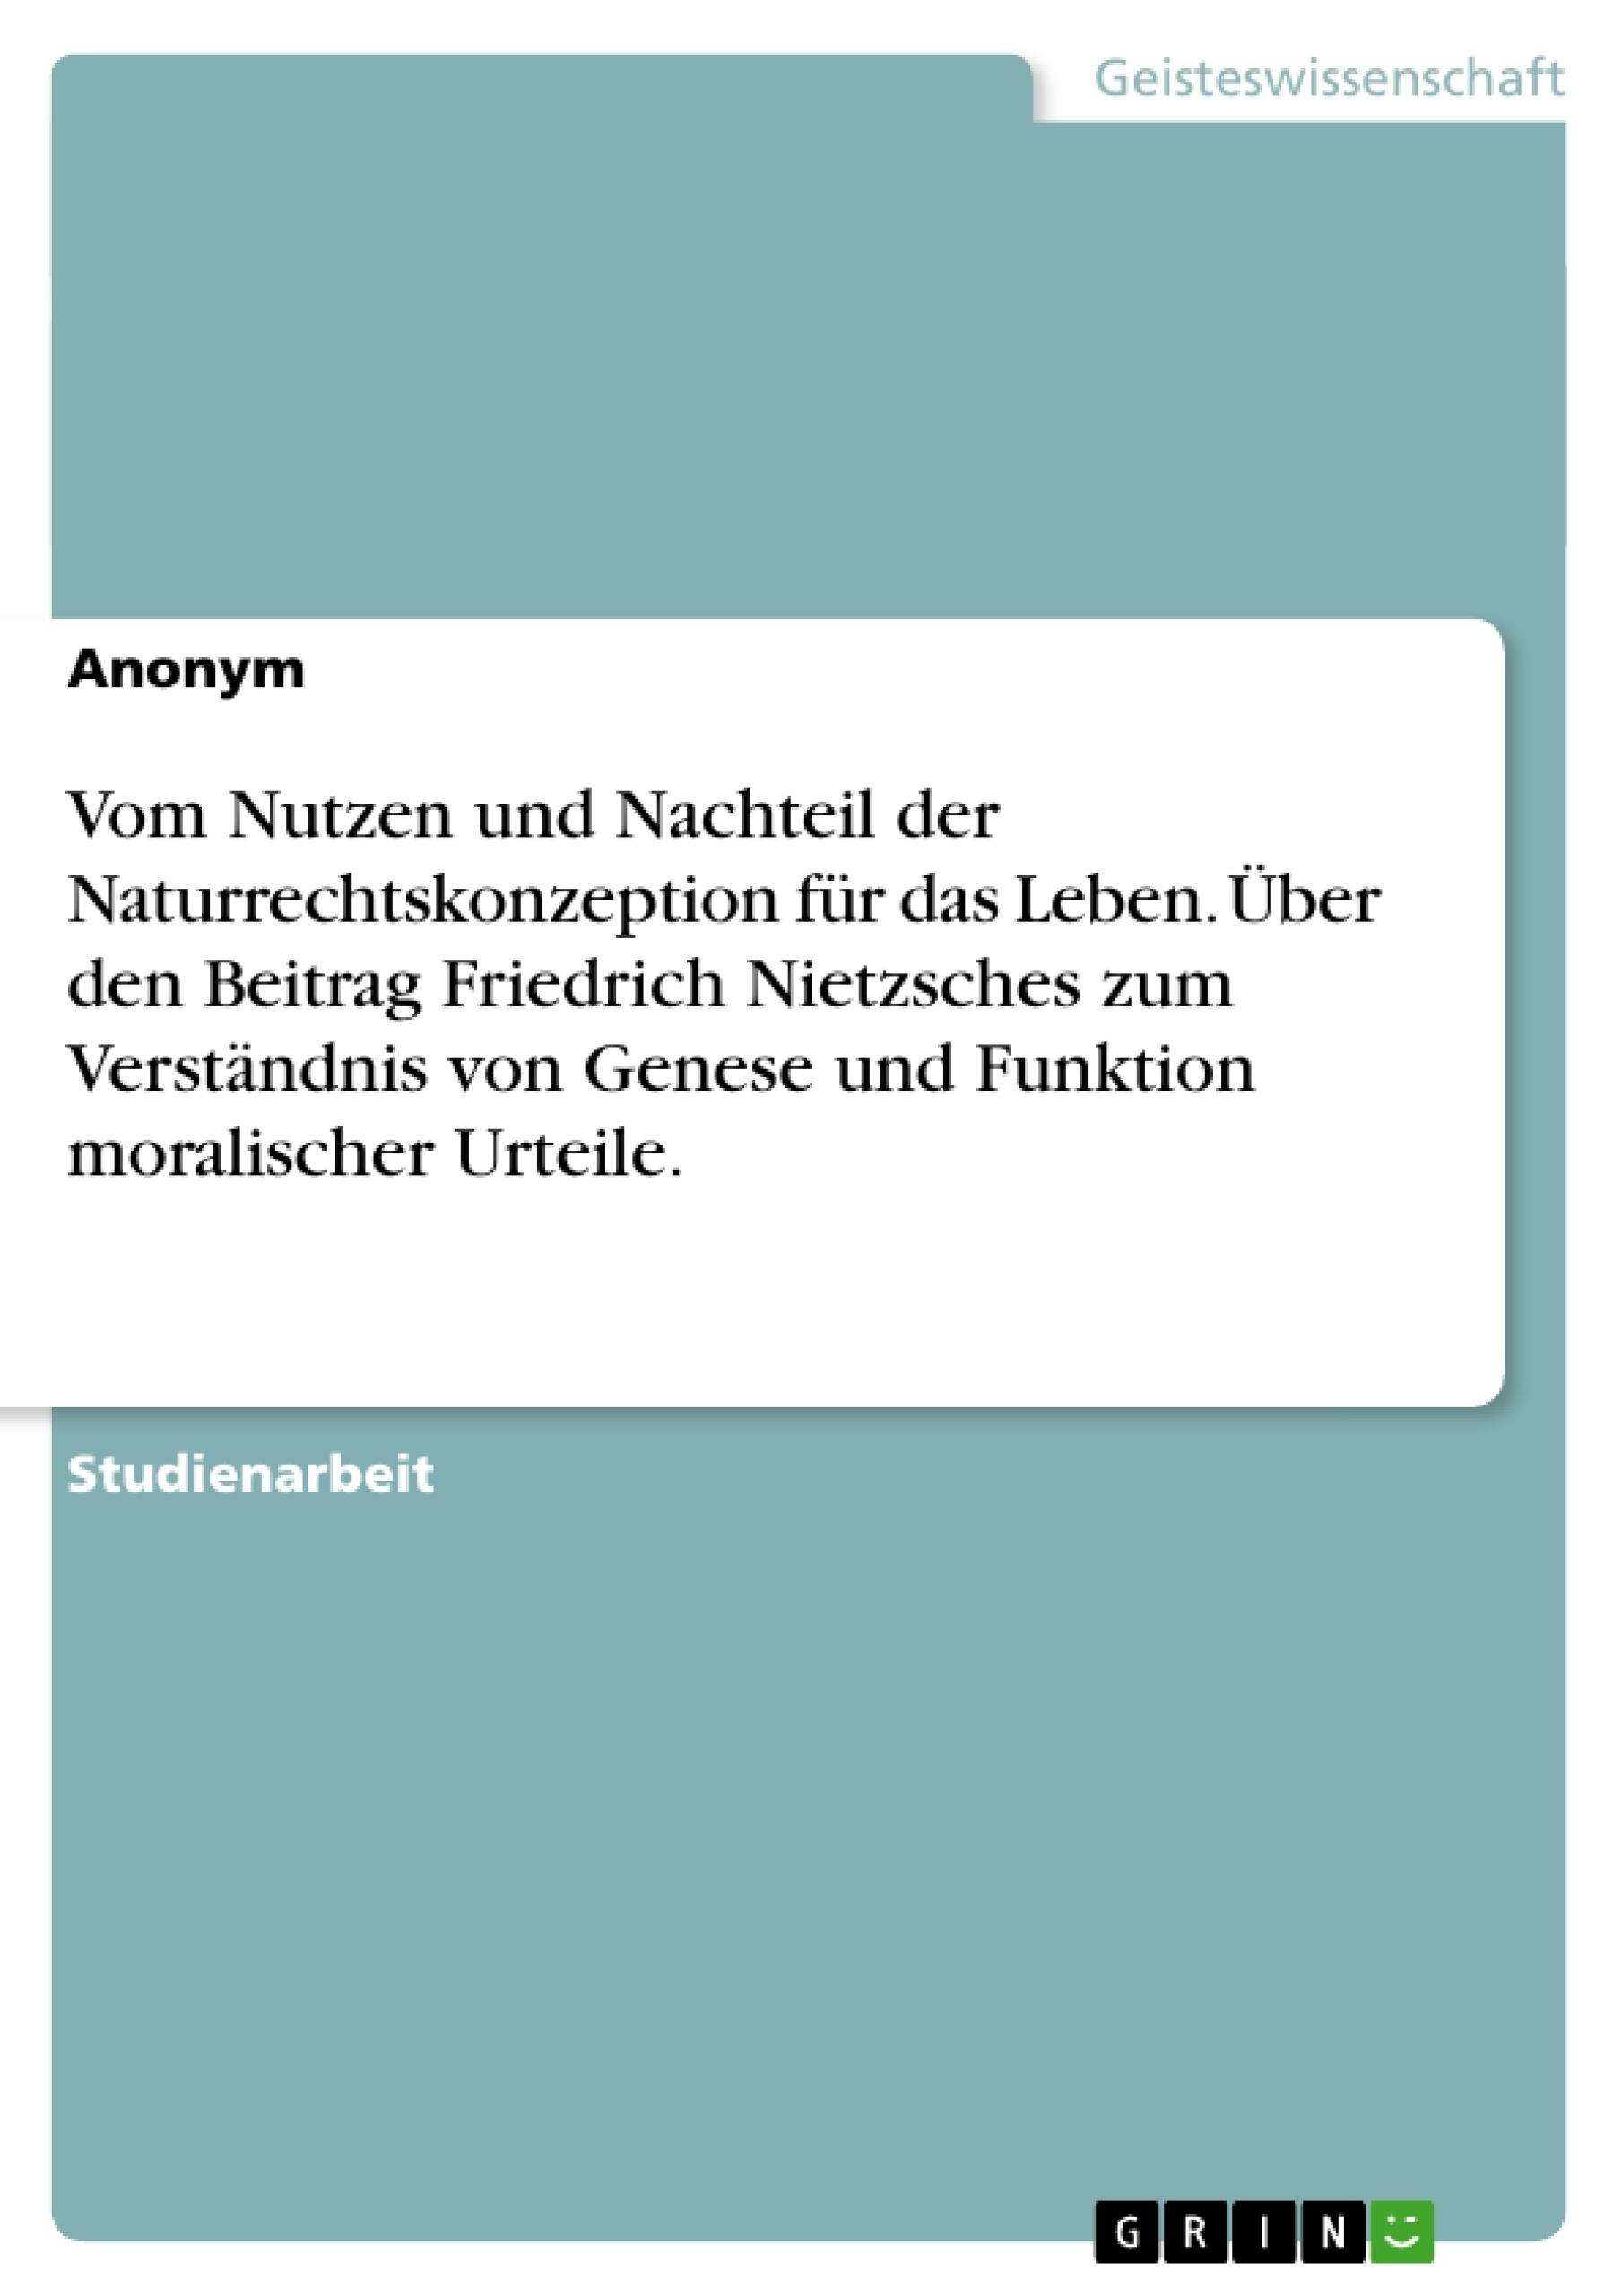 Titel: Vom Nutzen und Nachteil der Naturrechtskonzeption für das Leben. Über den Beitrag Friedrich Nietzsches zum Verständnis von Genese und Funktion moralischer Urteile.